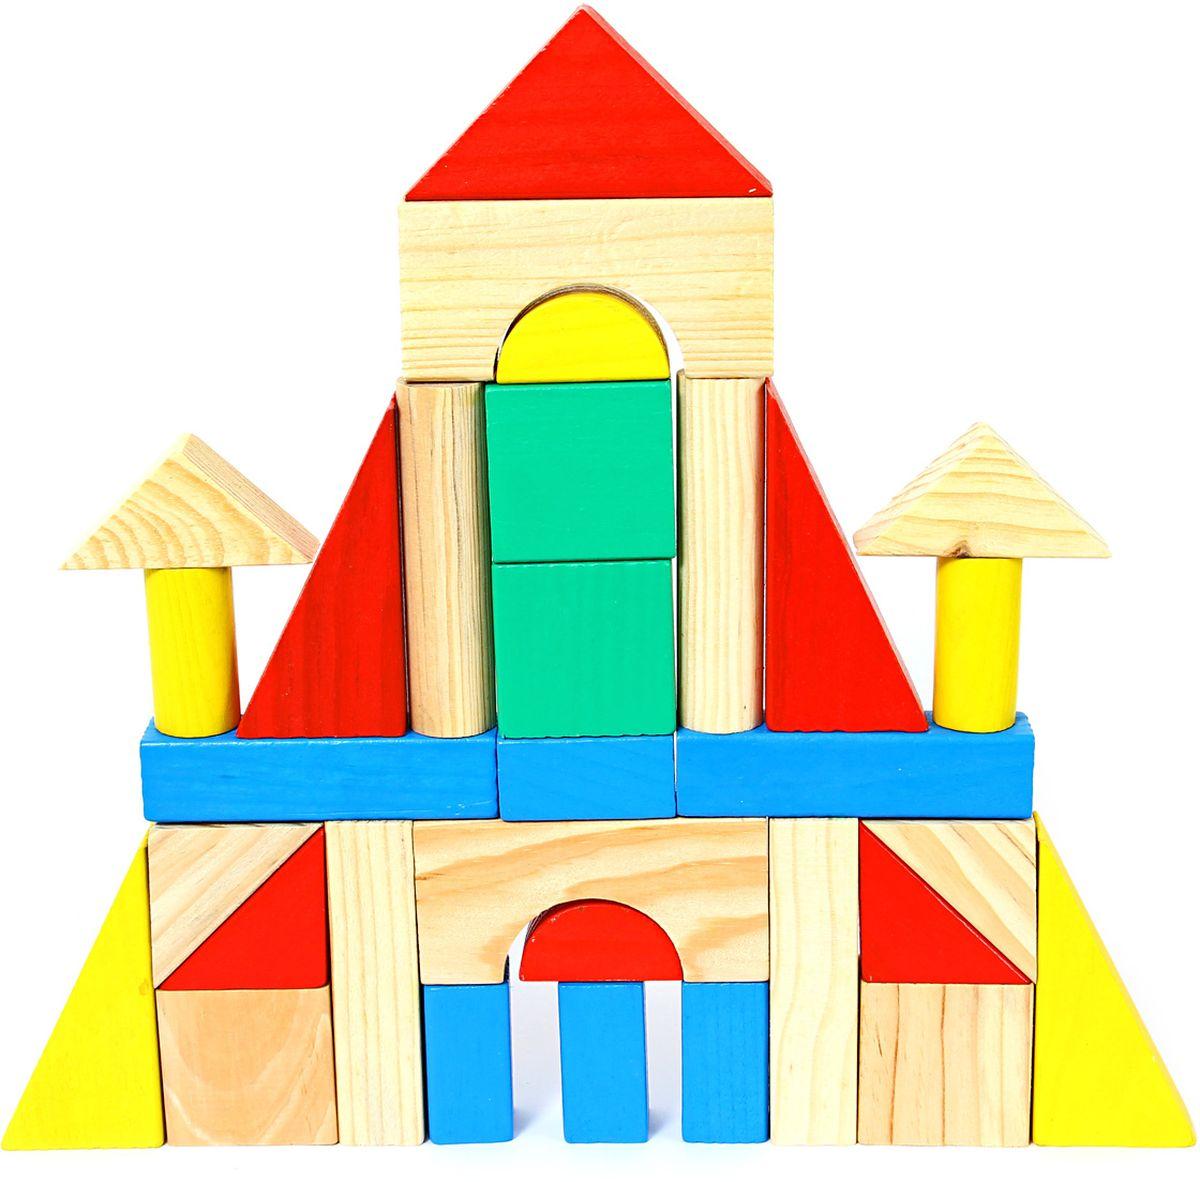 Фабрика Фантазий Деревянный конструктор Сказочный домик деревянный конструктор кукольный домик